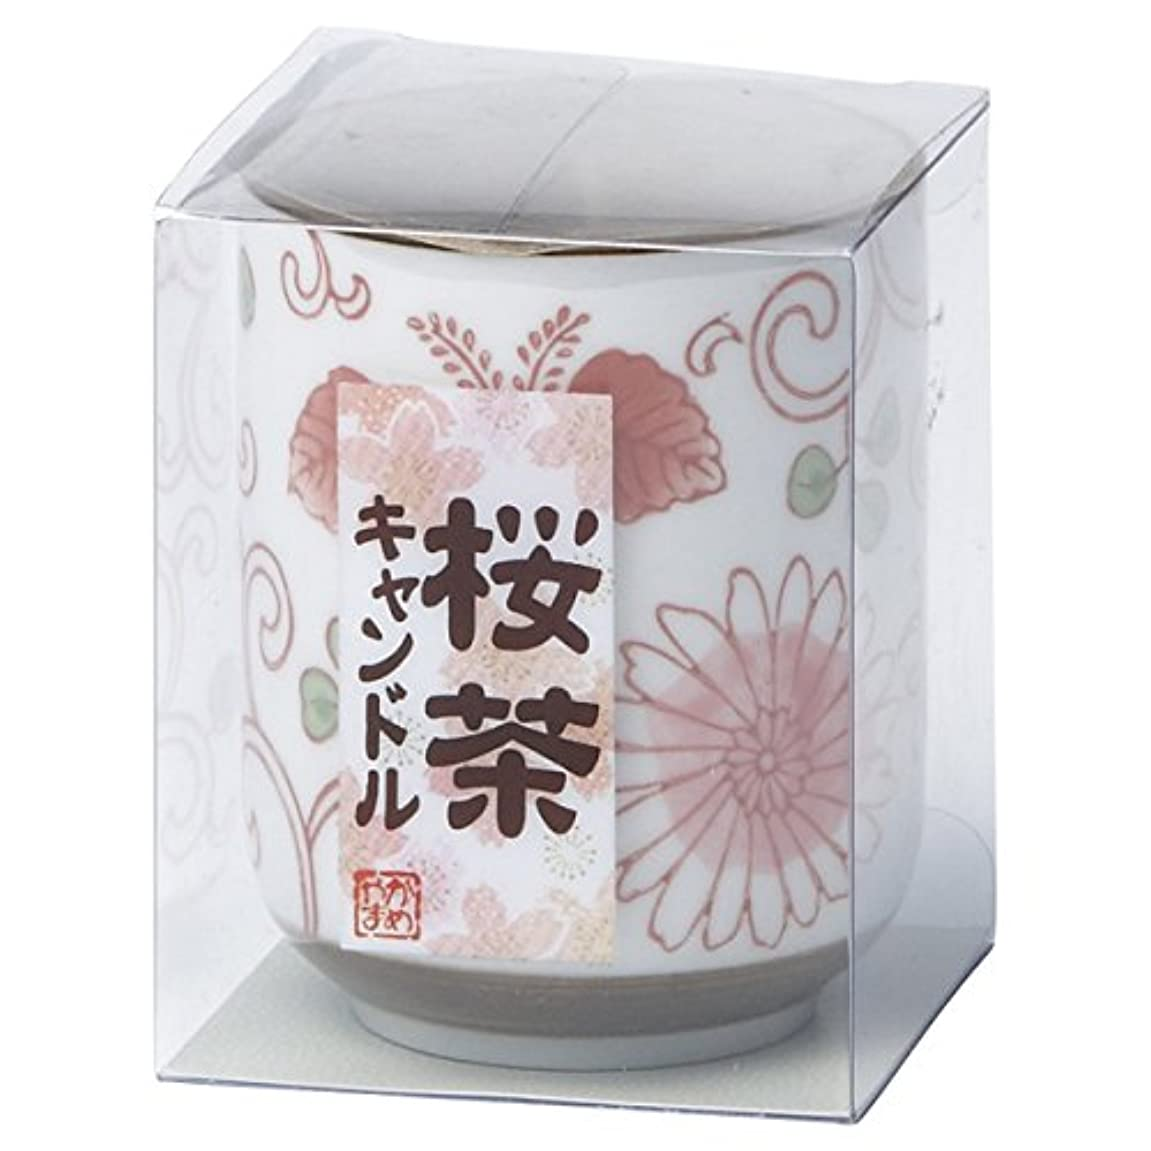 光沢のあるハント道徳の桜茶キャンドル